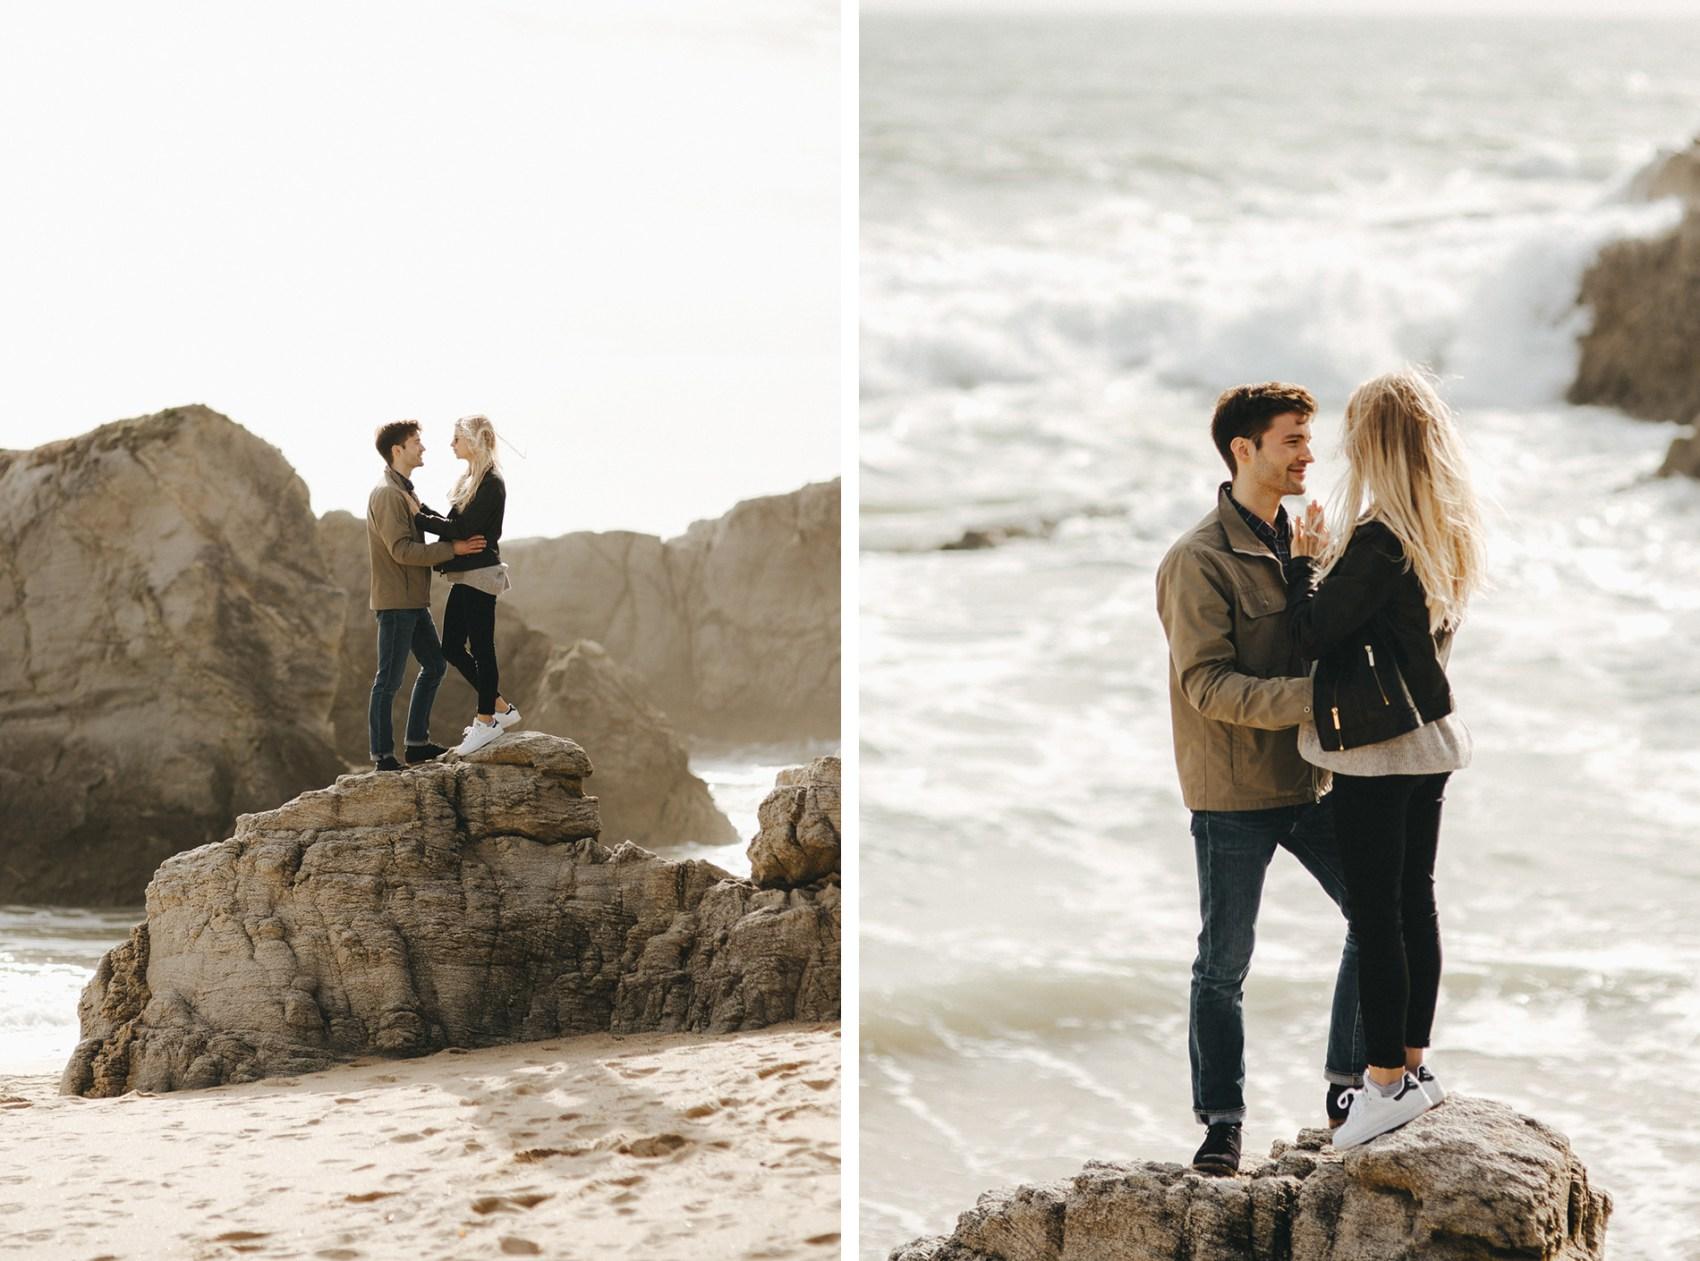 intimate-wedding-la-baule-pouliguen-mariage-20-copie.jpg